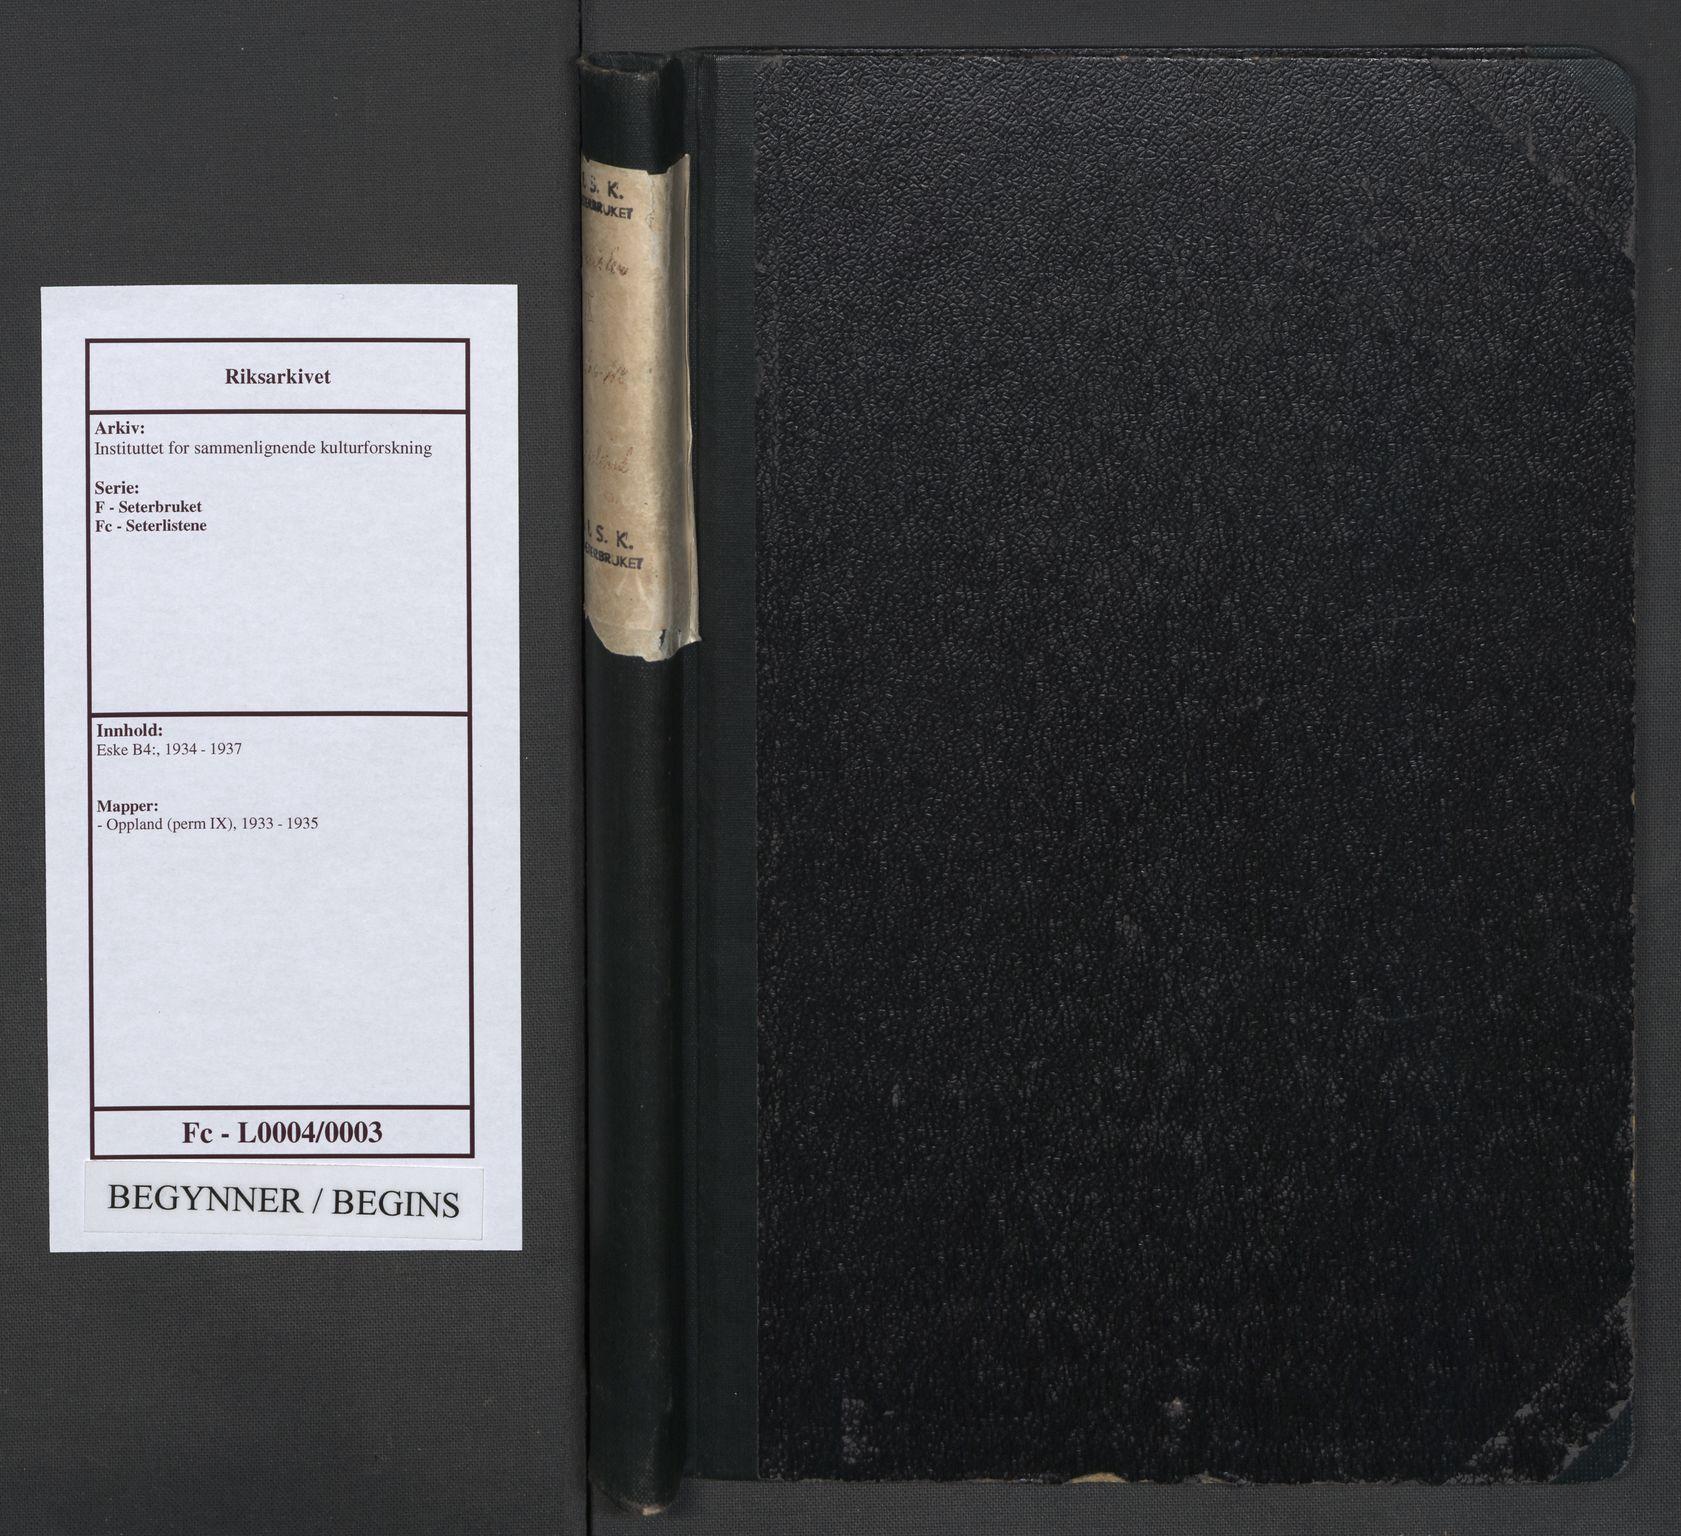 RA, Instituttet for sammenlignende kulturforskning, F/Fc/L0004: Eske B4:, 1933-1935, s. upaginert